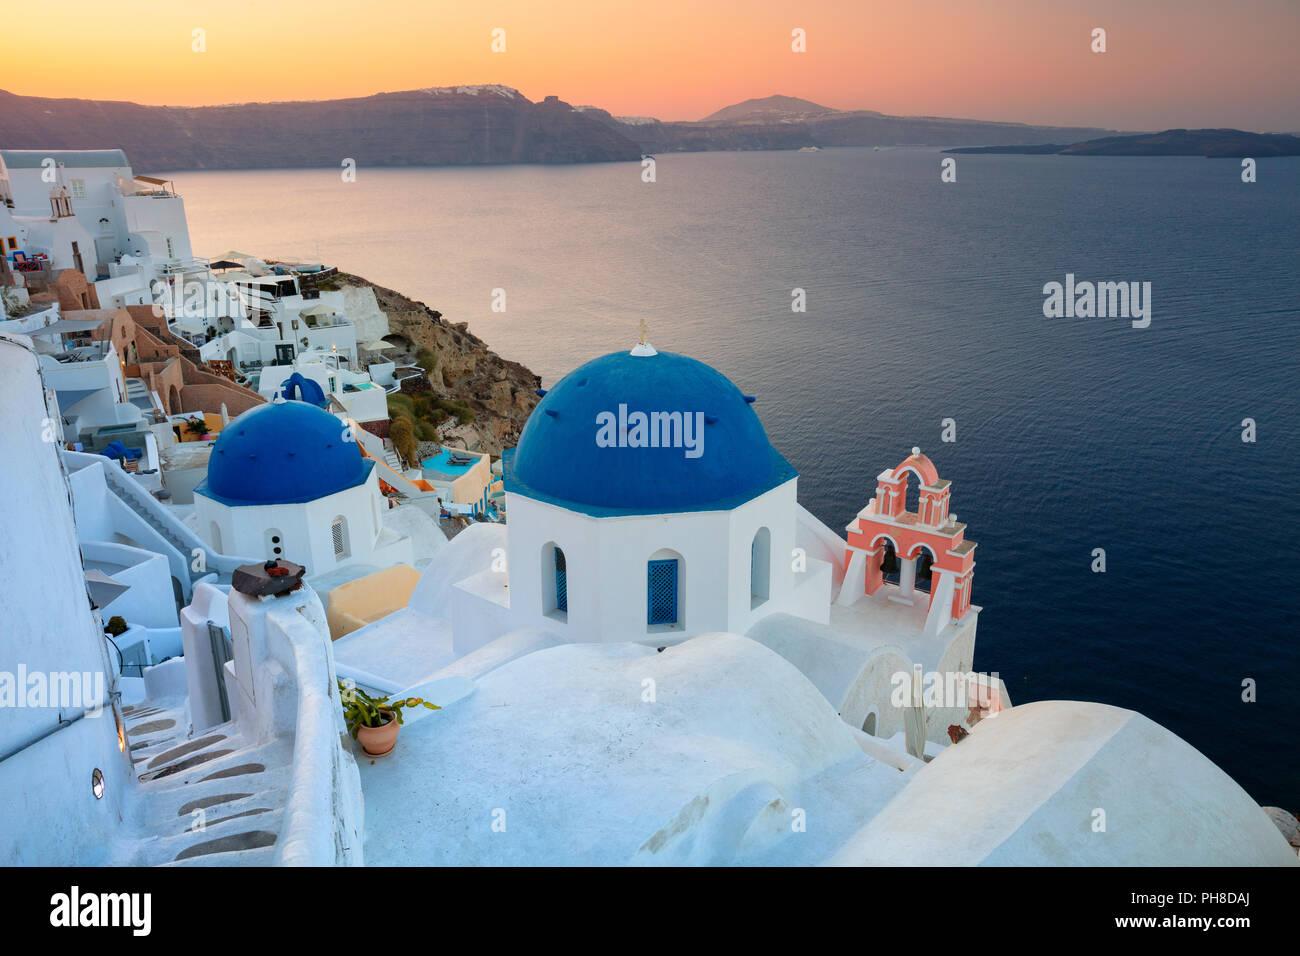 Oia - Santorini. Immagine del famoso villaggio di Oia situato in corrispondenza di una delle Cicladi isola di Santorini, Egeo Meridionale, Grecia. Immagini Stock